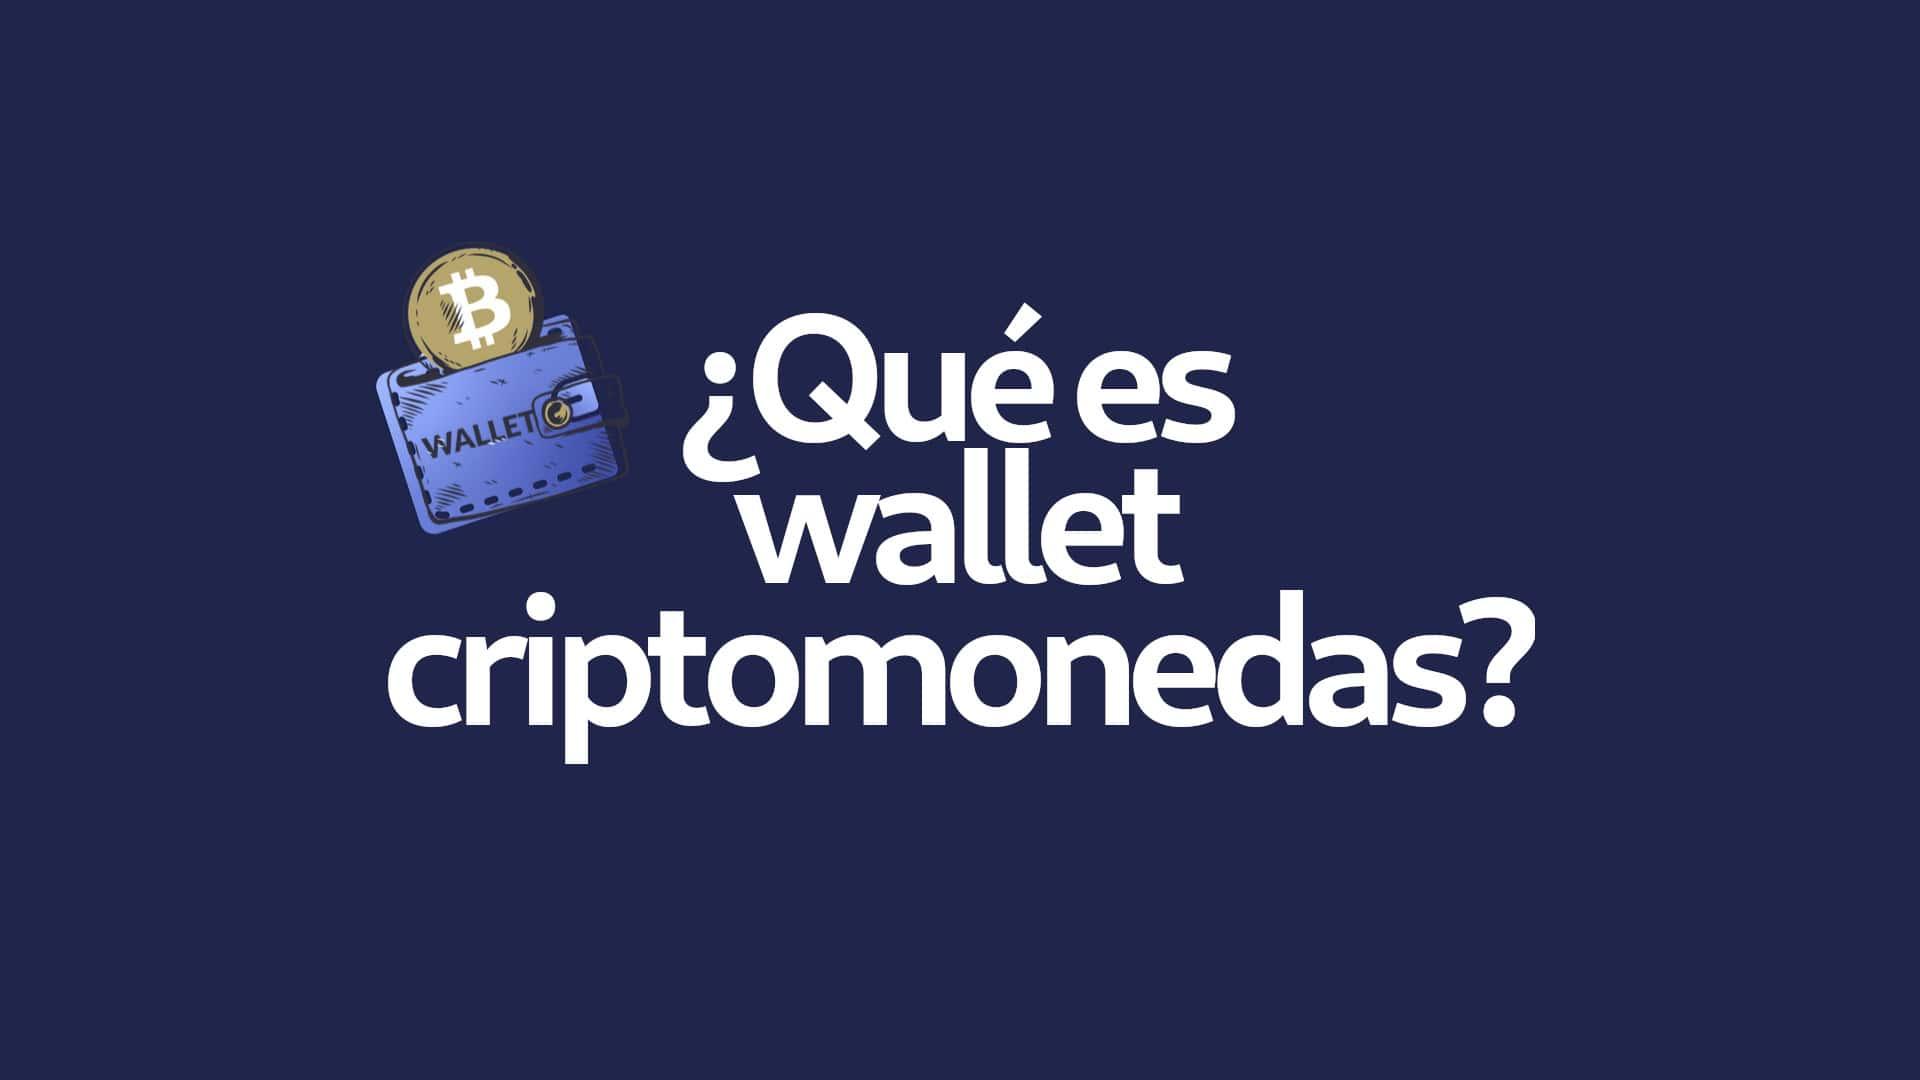 Qué es wallet billetera criptomonedas